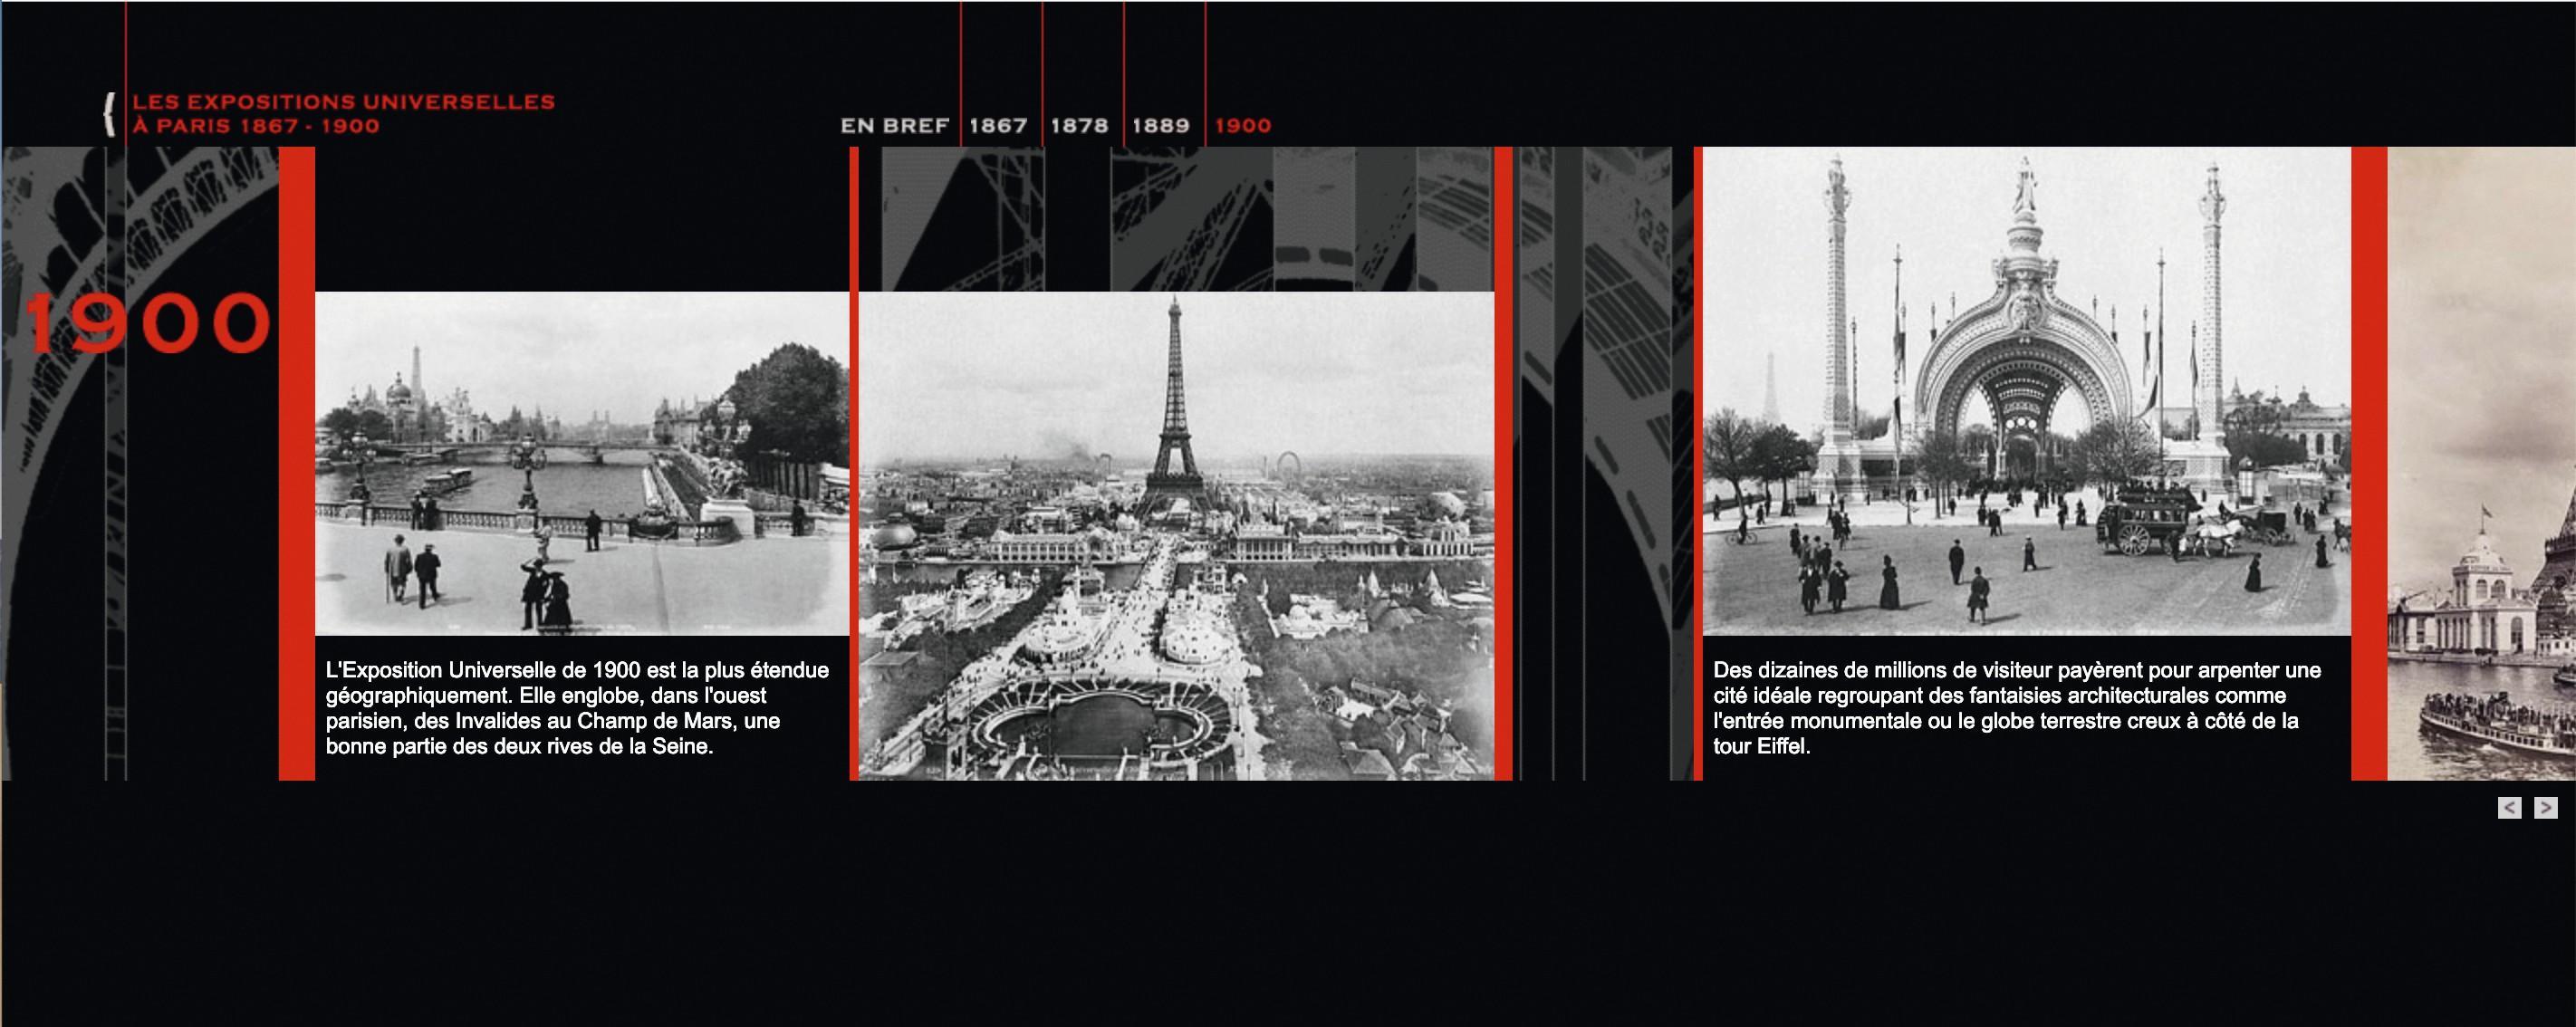 « Les Expositions universelles à Paris, 1867‑1900 », exposition de la BnF, 2005.